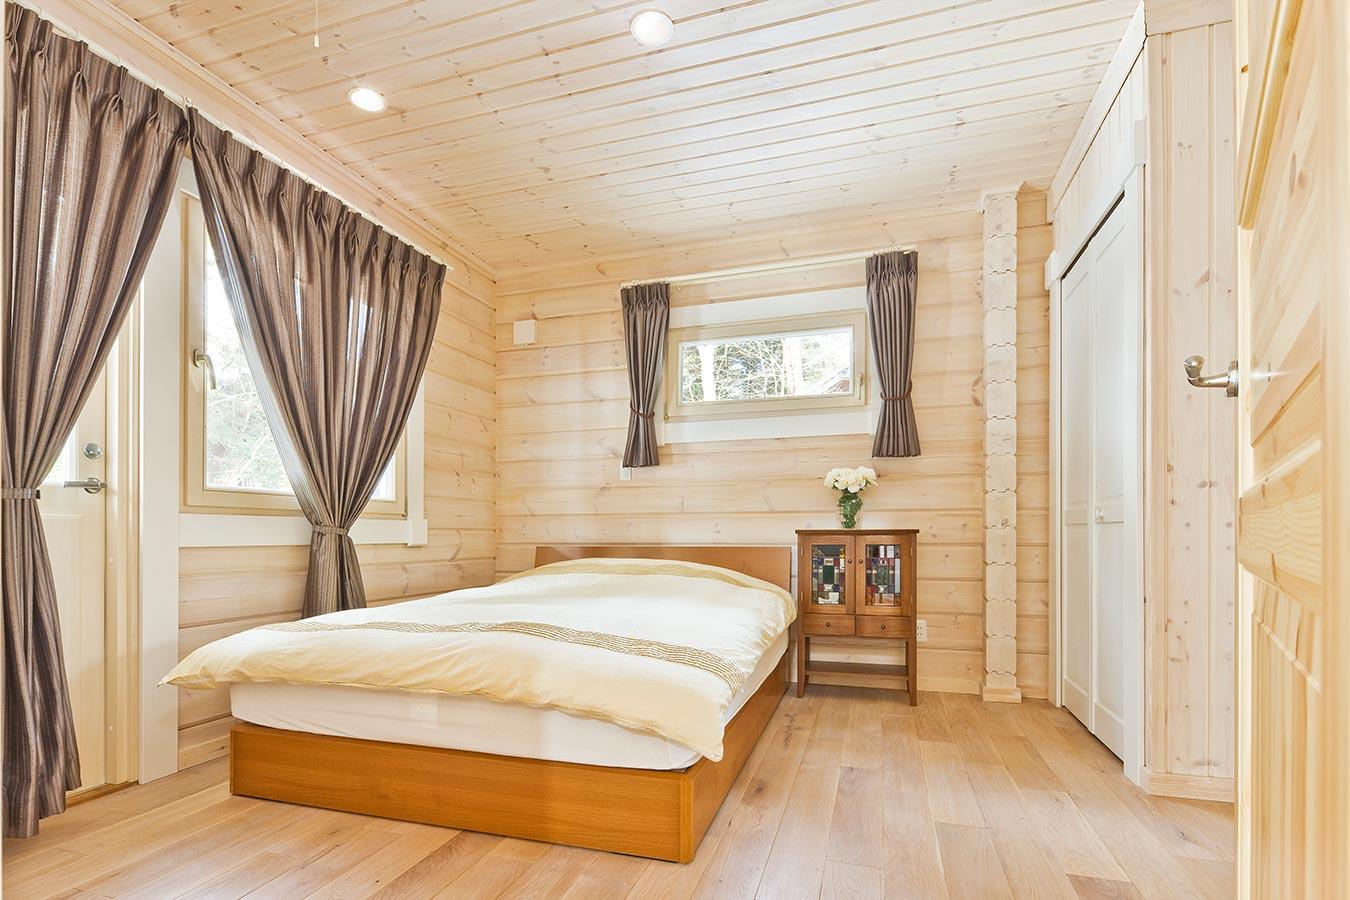 収納スペースも確保した、あたたかい光の射すベッドルーム